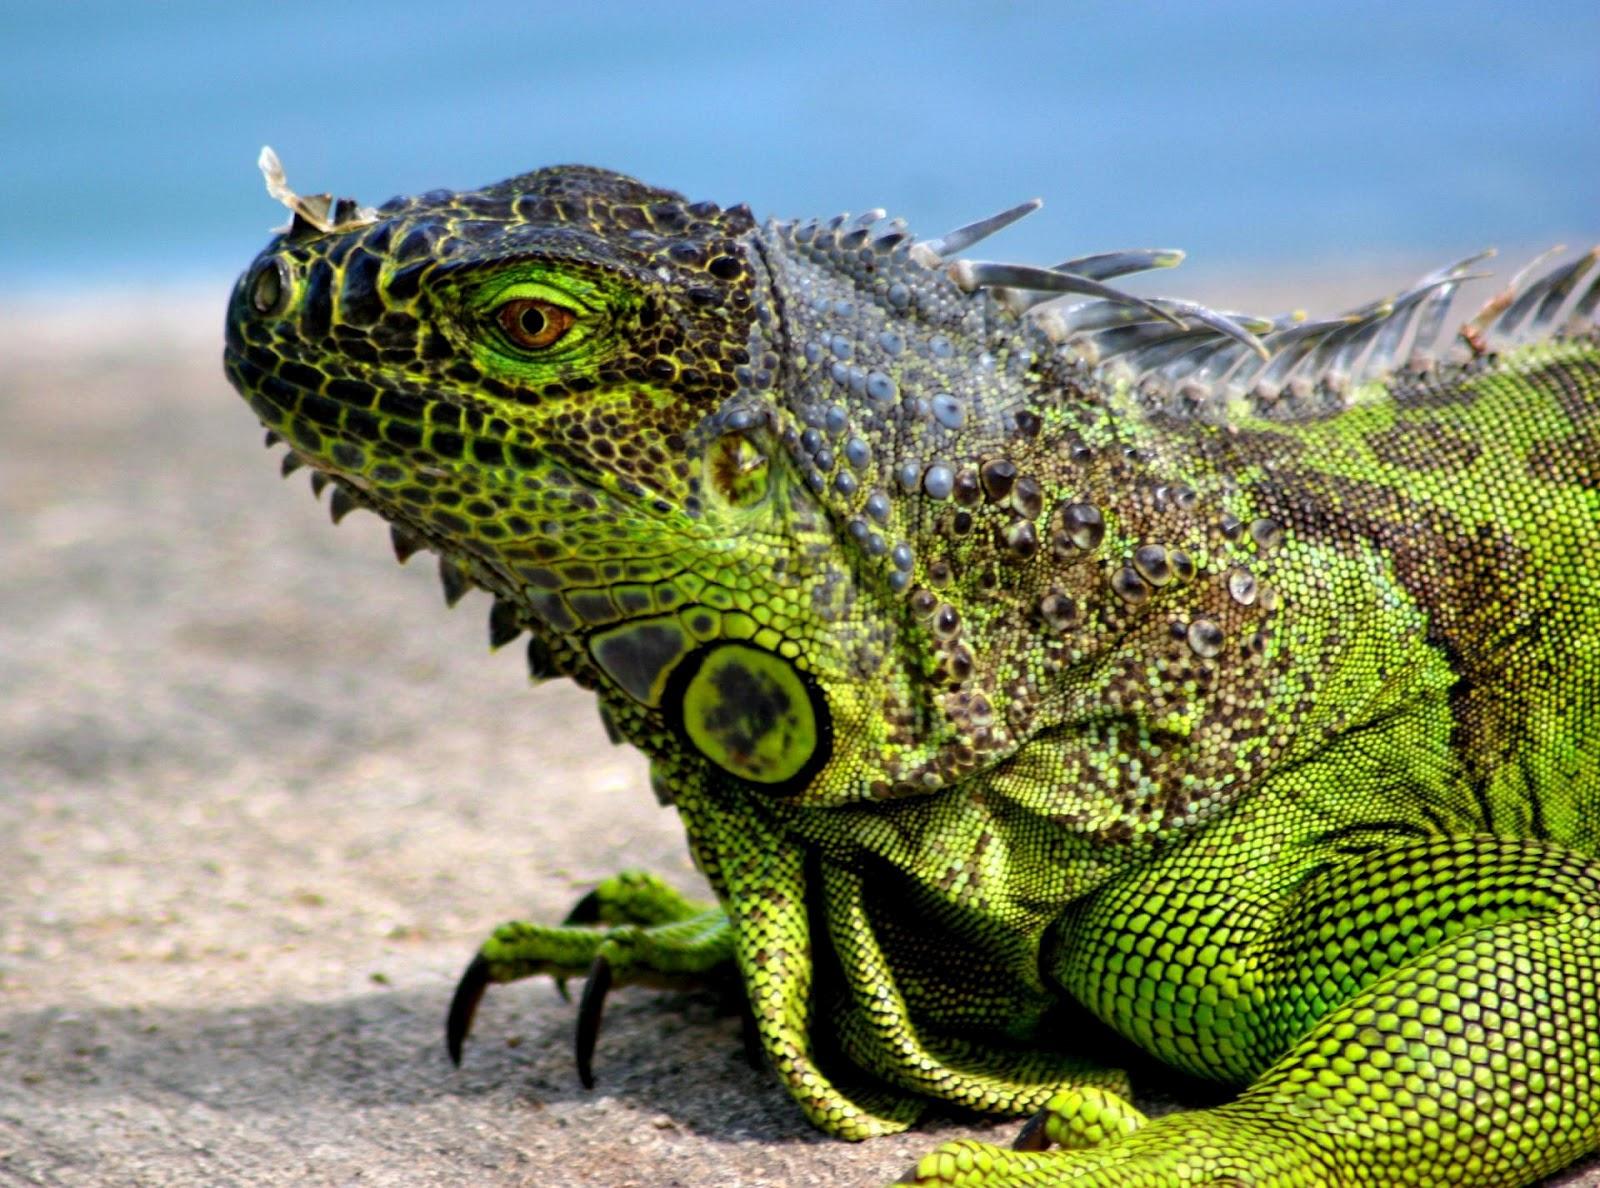 http://2.bp.blogspot.com/-10xaqjk38_g/T-bqkOPYjzI/AAAAAAAACvw/dF1lzJzRchY/s1600/iguana+pictures.jpg